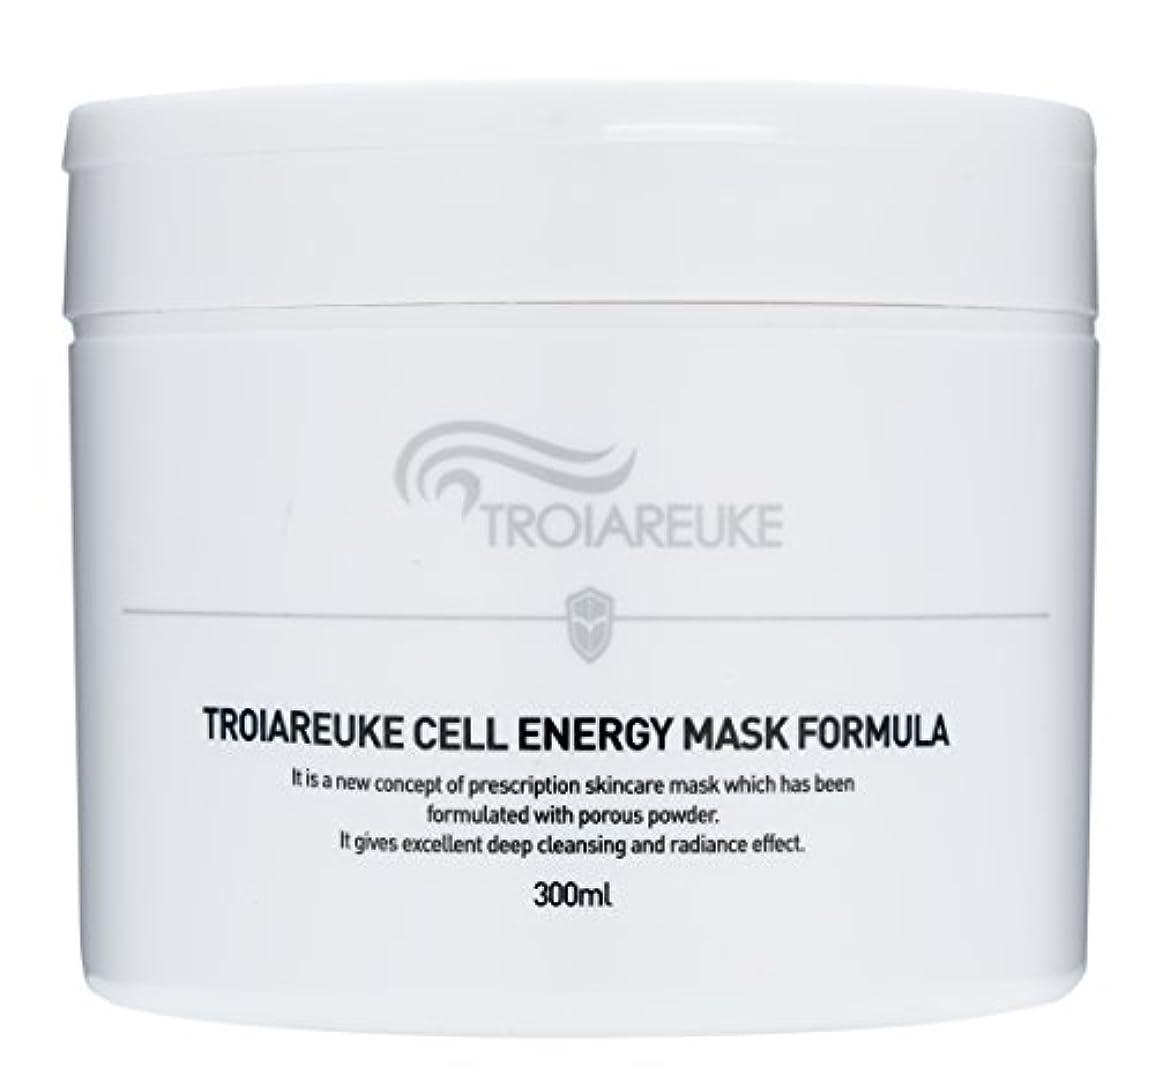 農業対話機会Troiareuke(トロイアルケ) セルエネルギー マスク フォーミュラー/Cell Energy Mask Fomula (300ml) [並行輸入品]